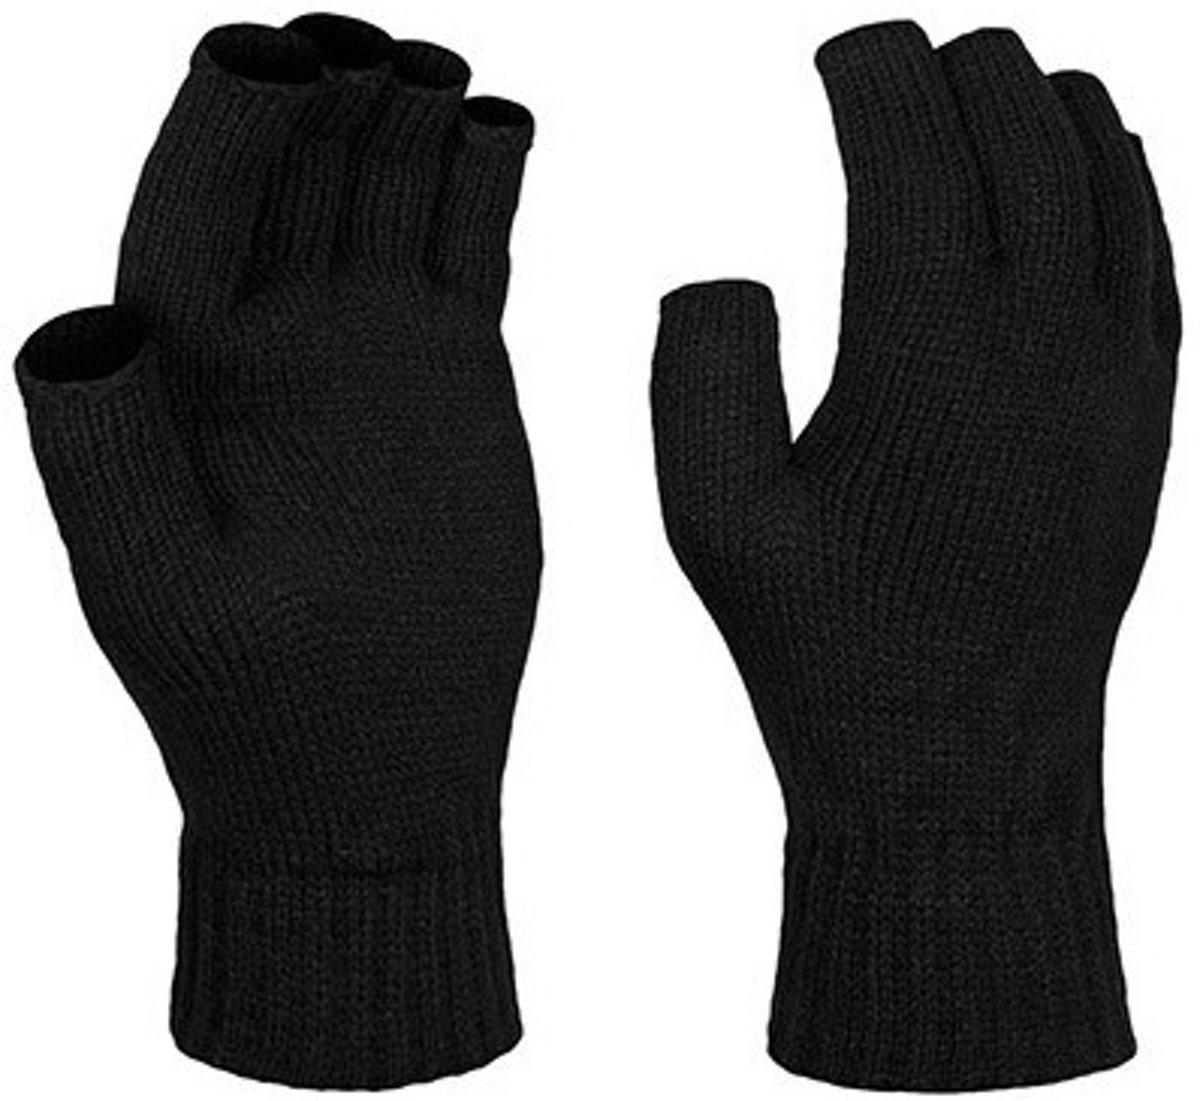 Vingerloze gebreide handschoenen zwart voor volwassenen